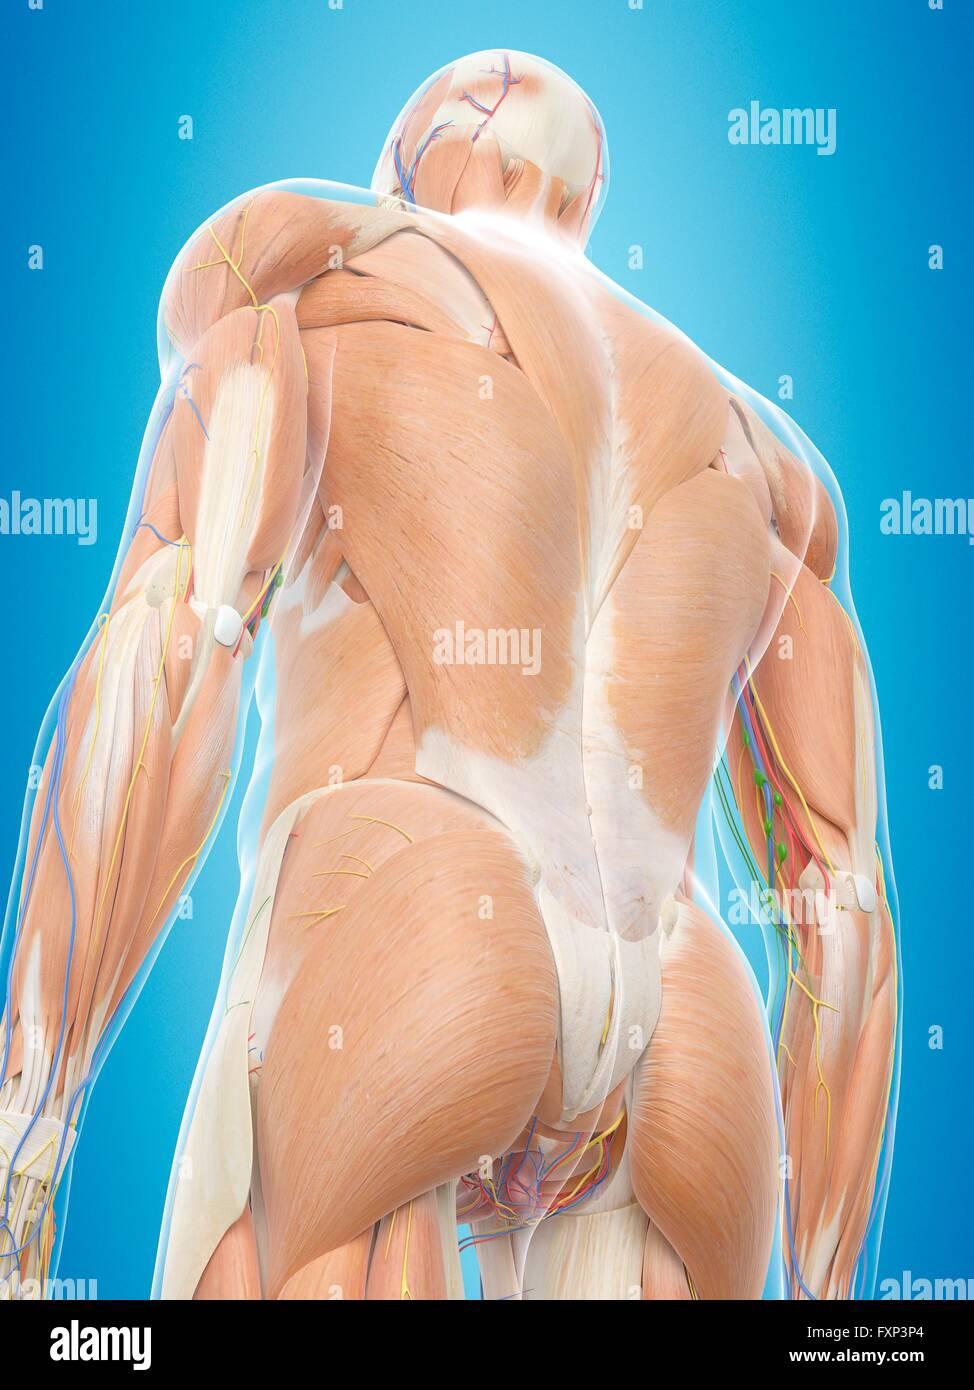 Erfreut Zurück Muskeltabelle Anatomie Fotos - Anatomie Von ...